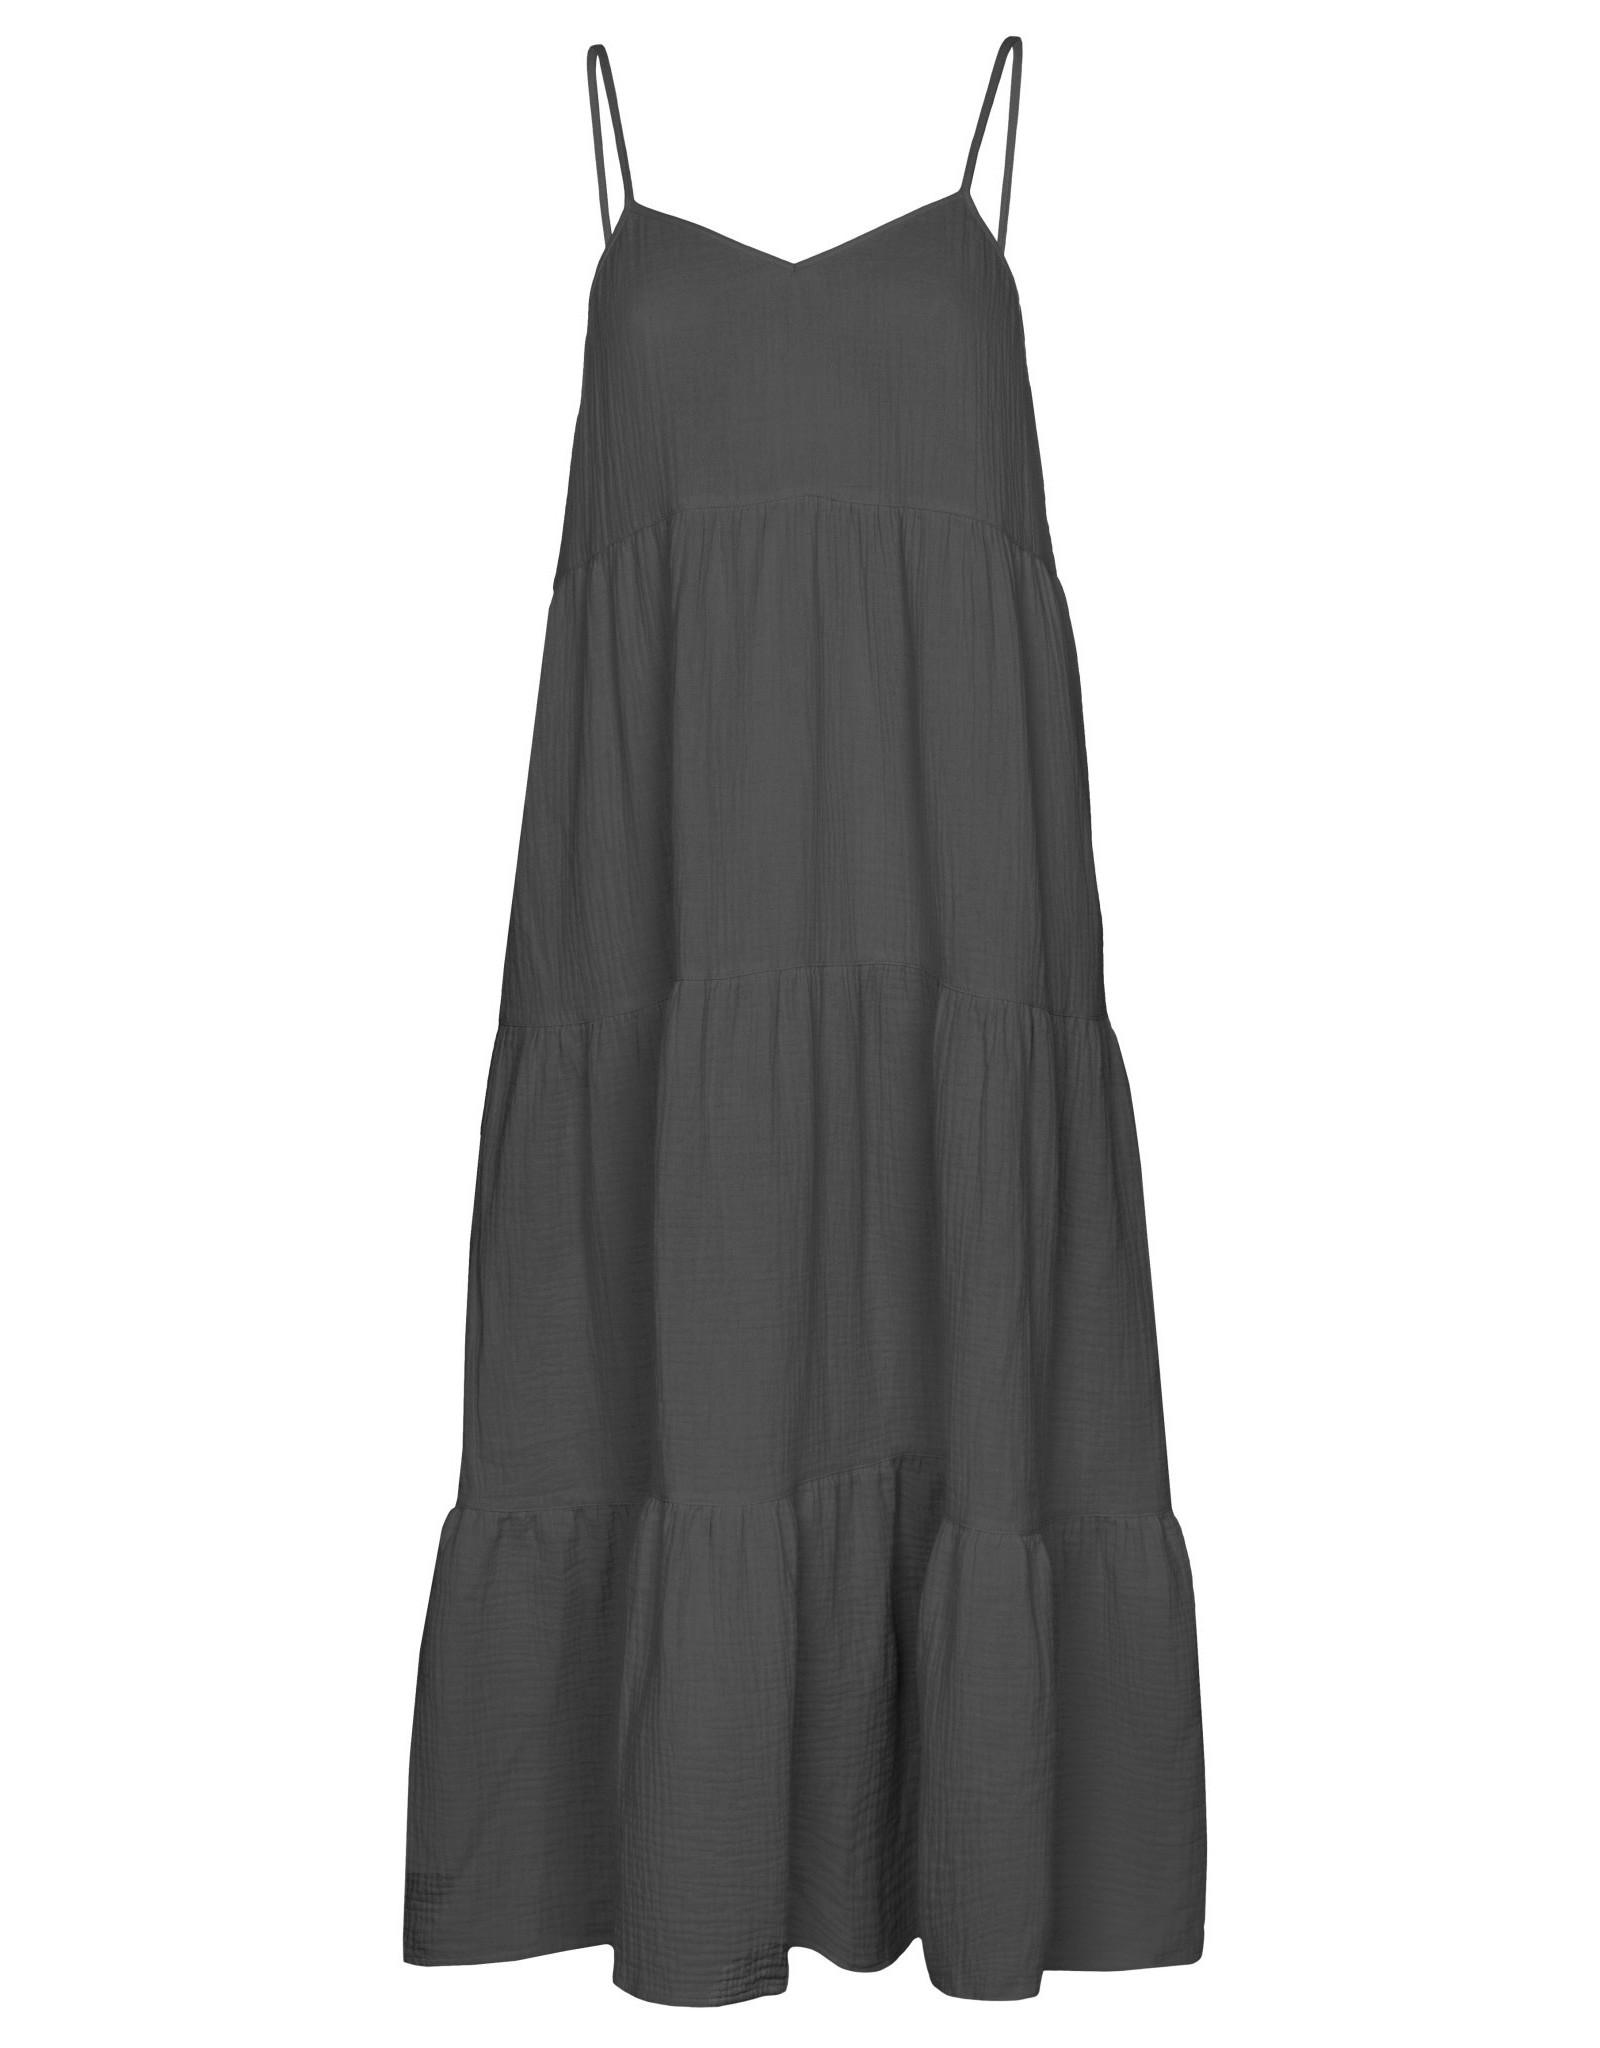 LES SOEURS DRESS PAM BLACK VINTAGE